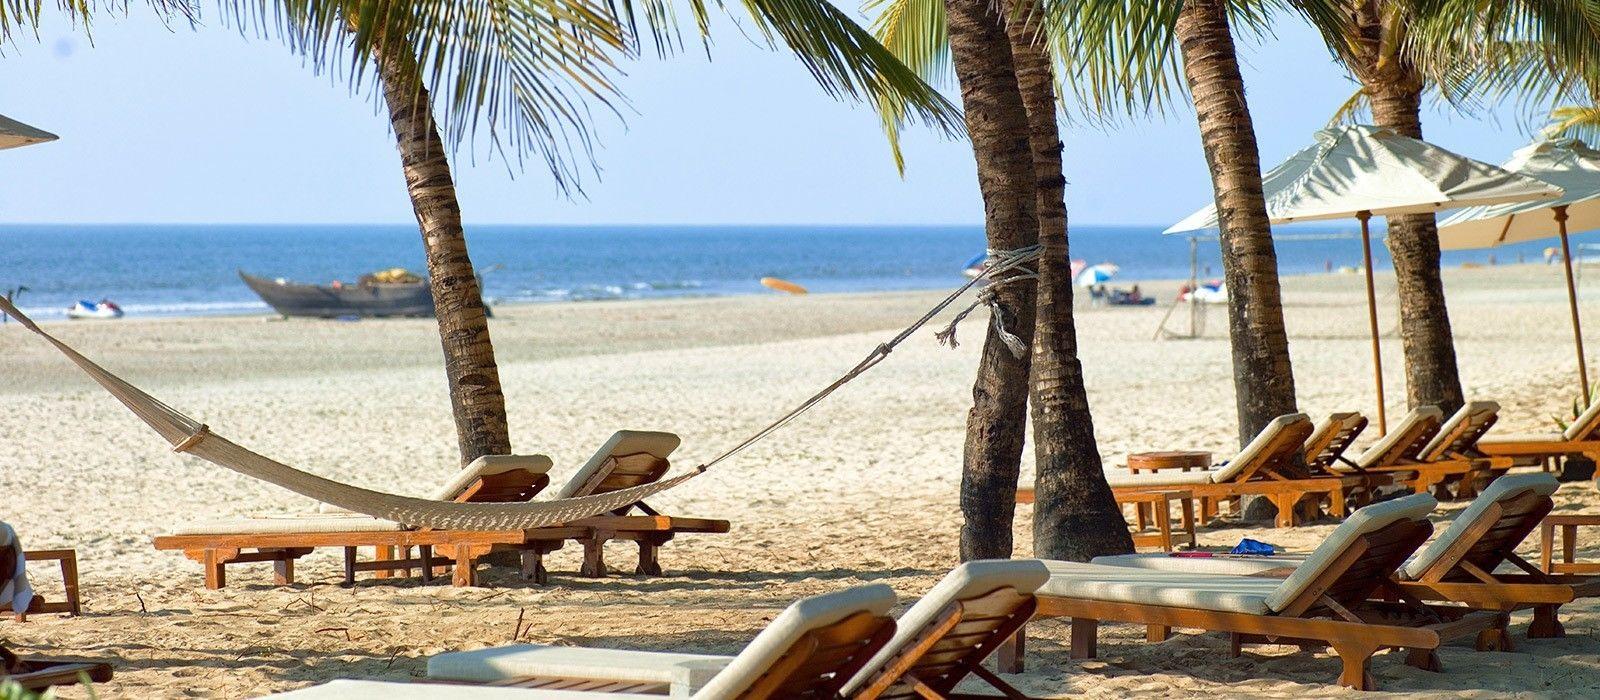 Luxuriöse Reise nach Indien: Bezaubernde Paläste und goldener Strand Urlaub 1